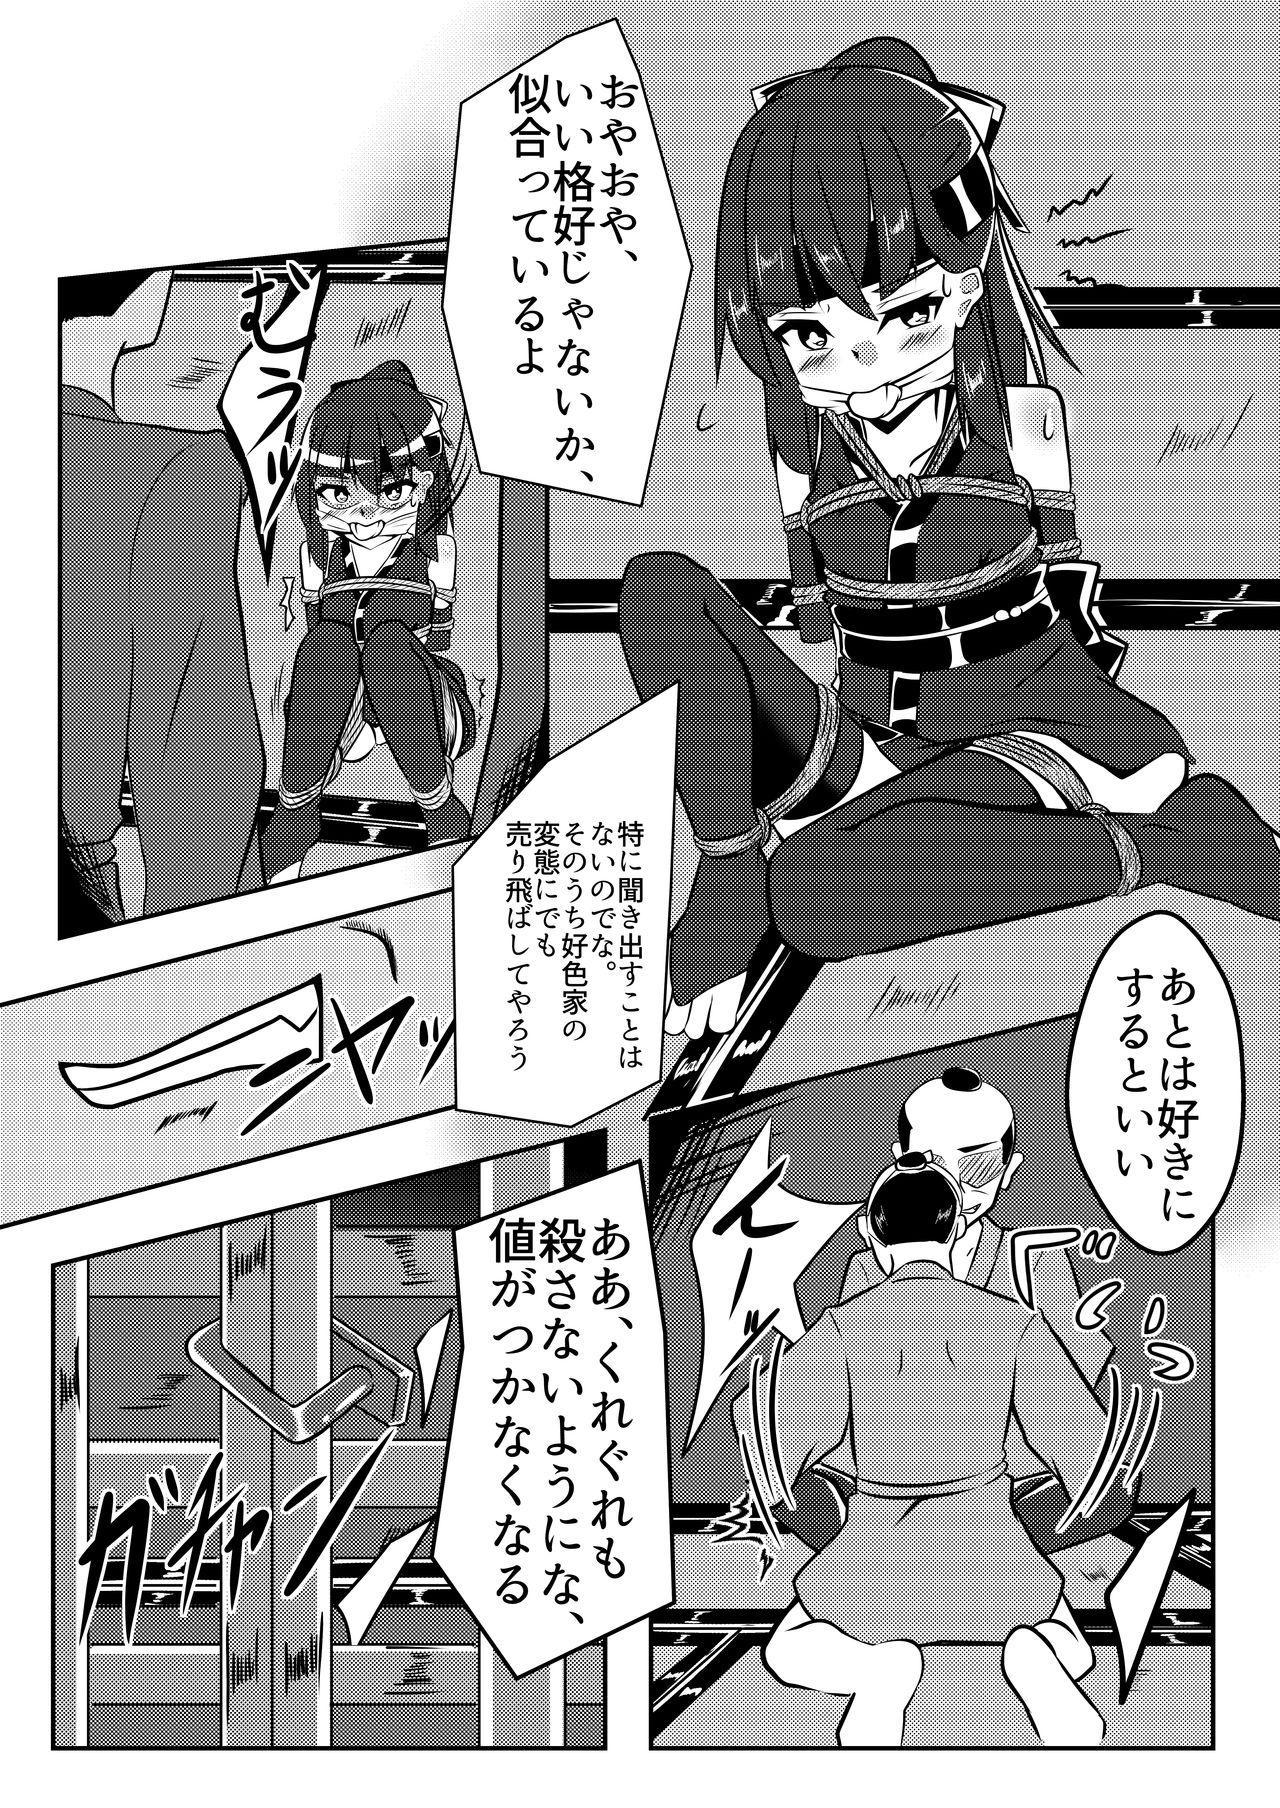 Tonde Hi ni Iru 7